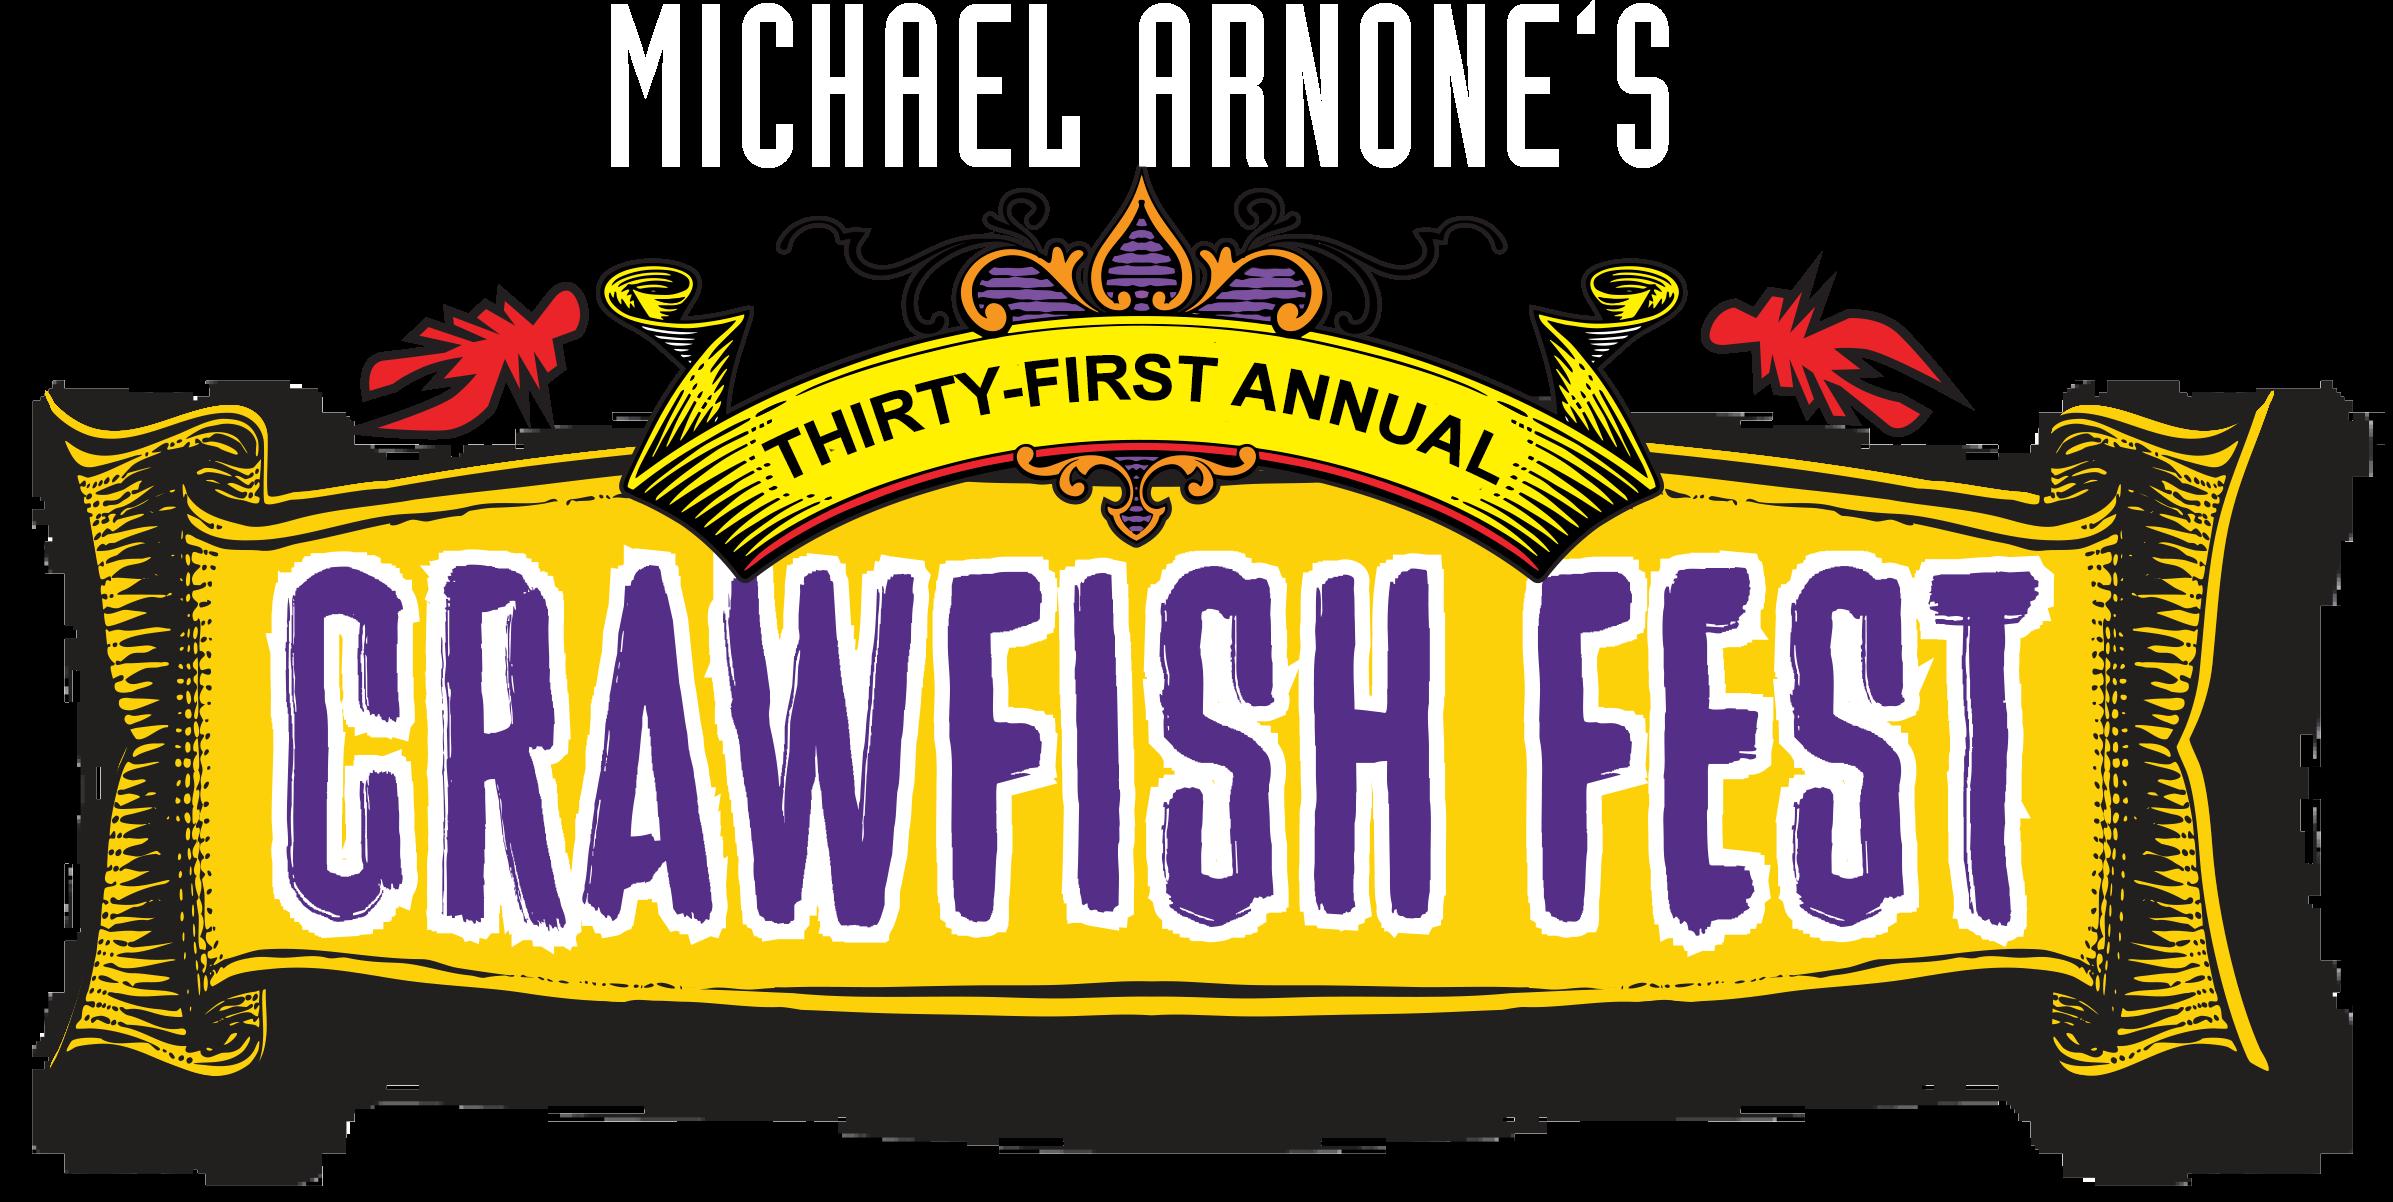 Crawfish Festival 2020.Michael Arnone S Crawfish Fest In Augusta Nj